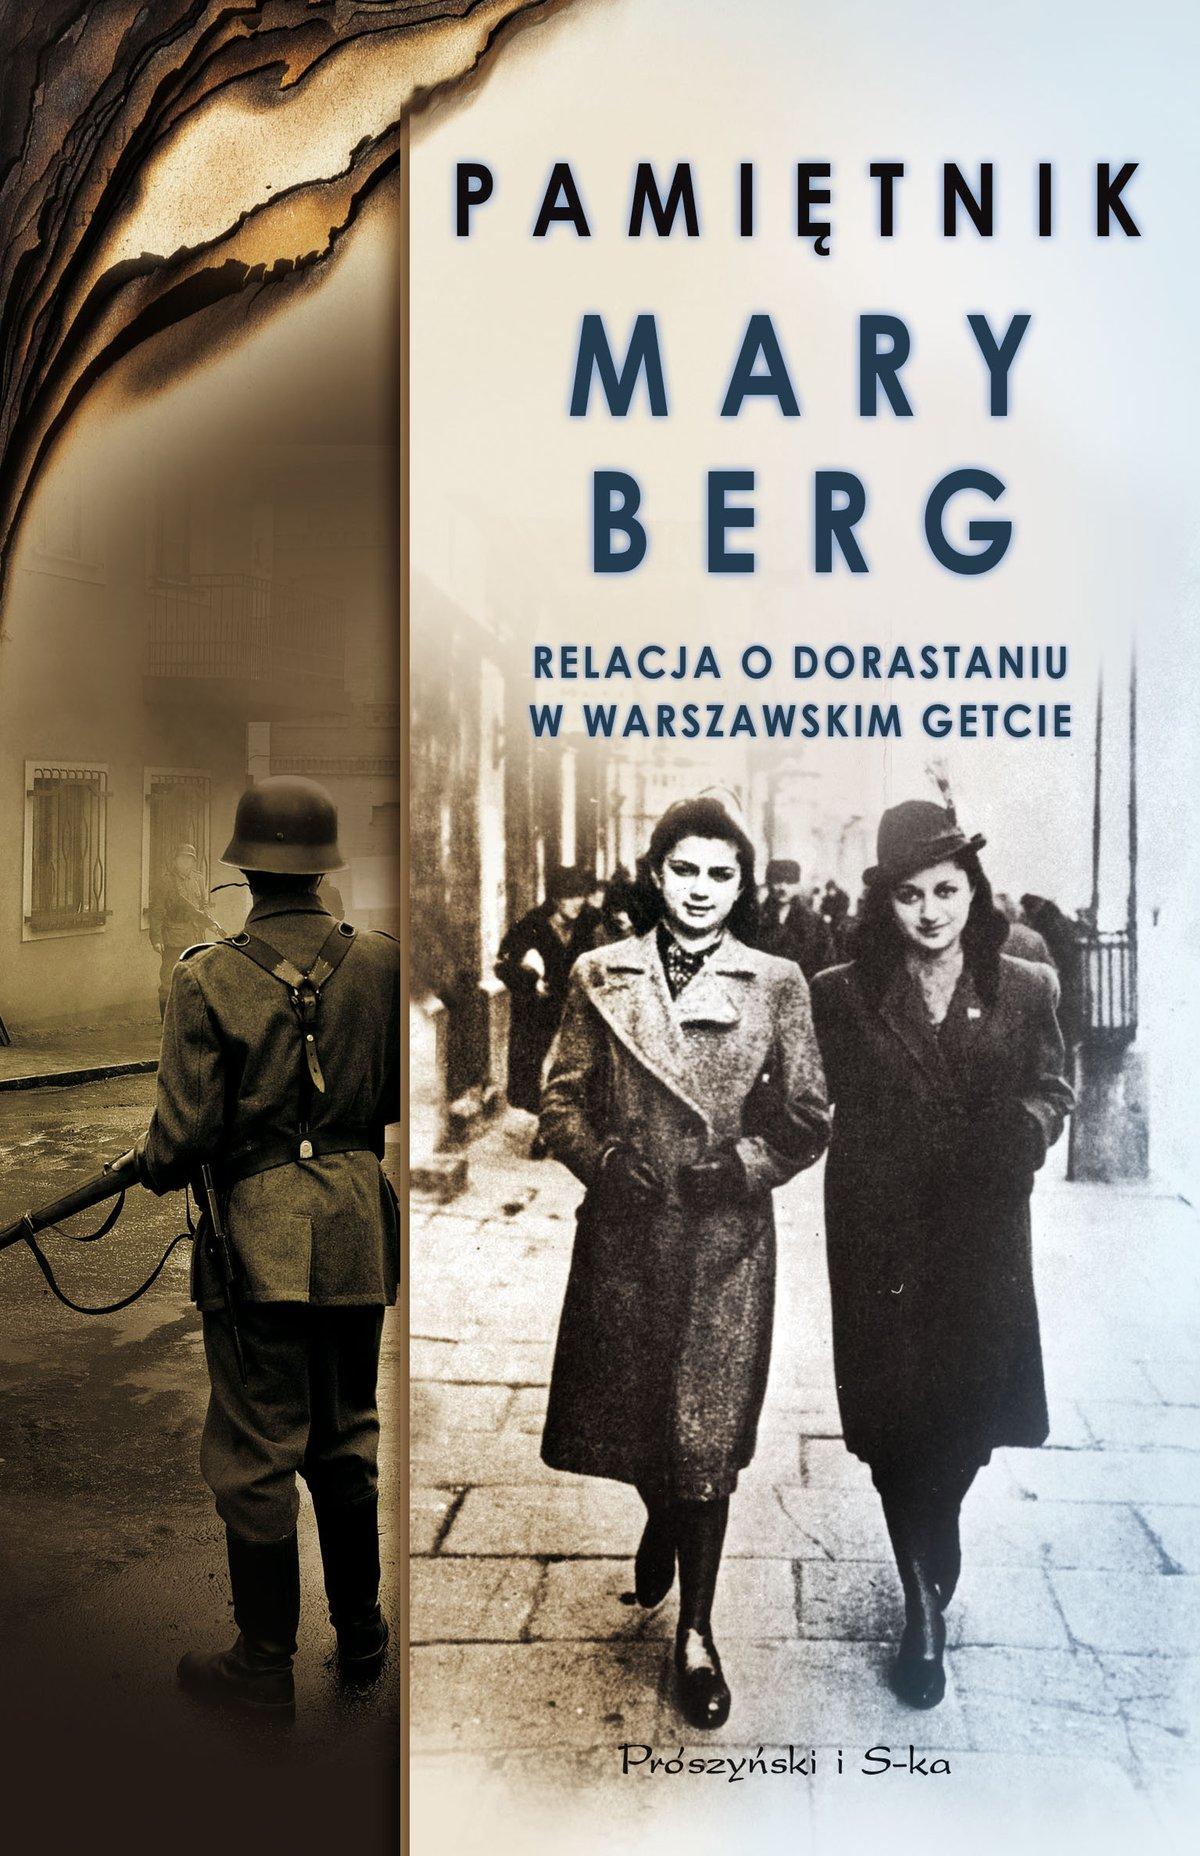 Pamiętnik Mary Berg - Ebook (Książka na Kindle) do pobrania w formacie MOBI